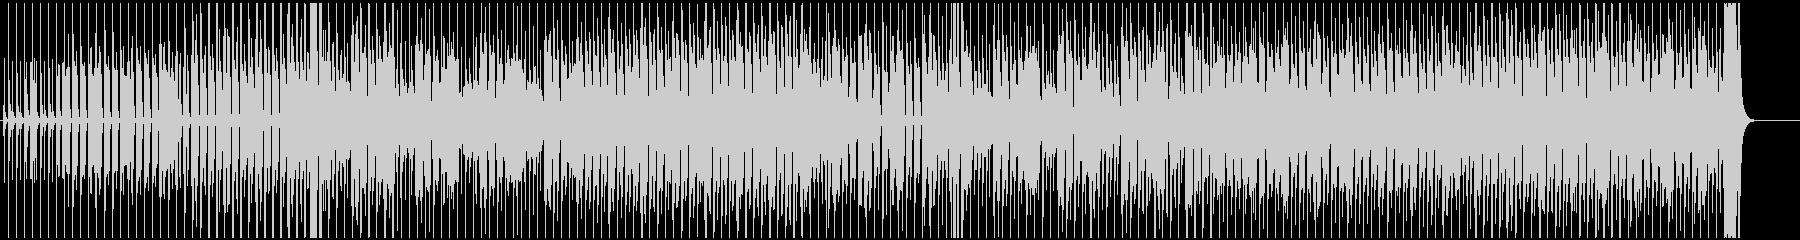 グロッケンとエレピの不思議なポップロックの未再生の波形